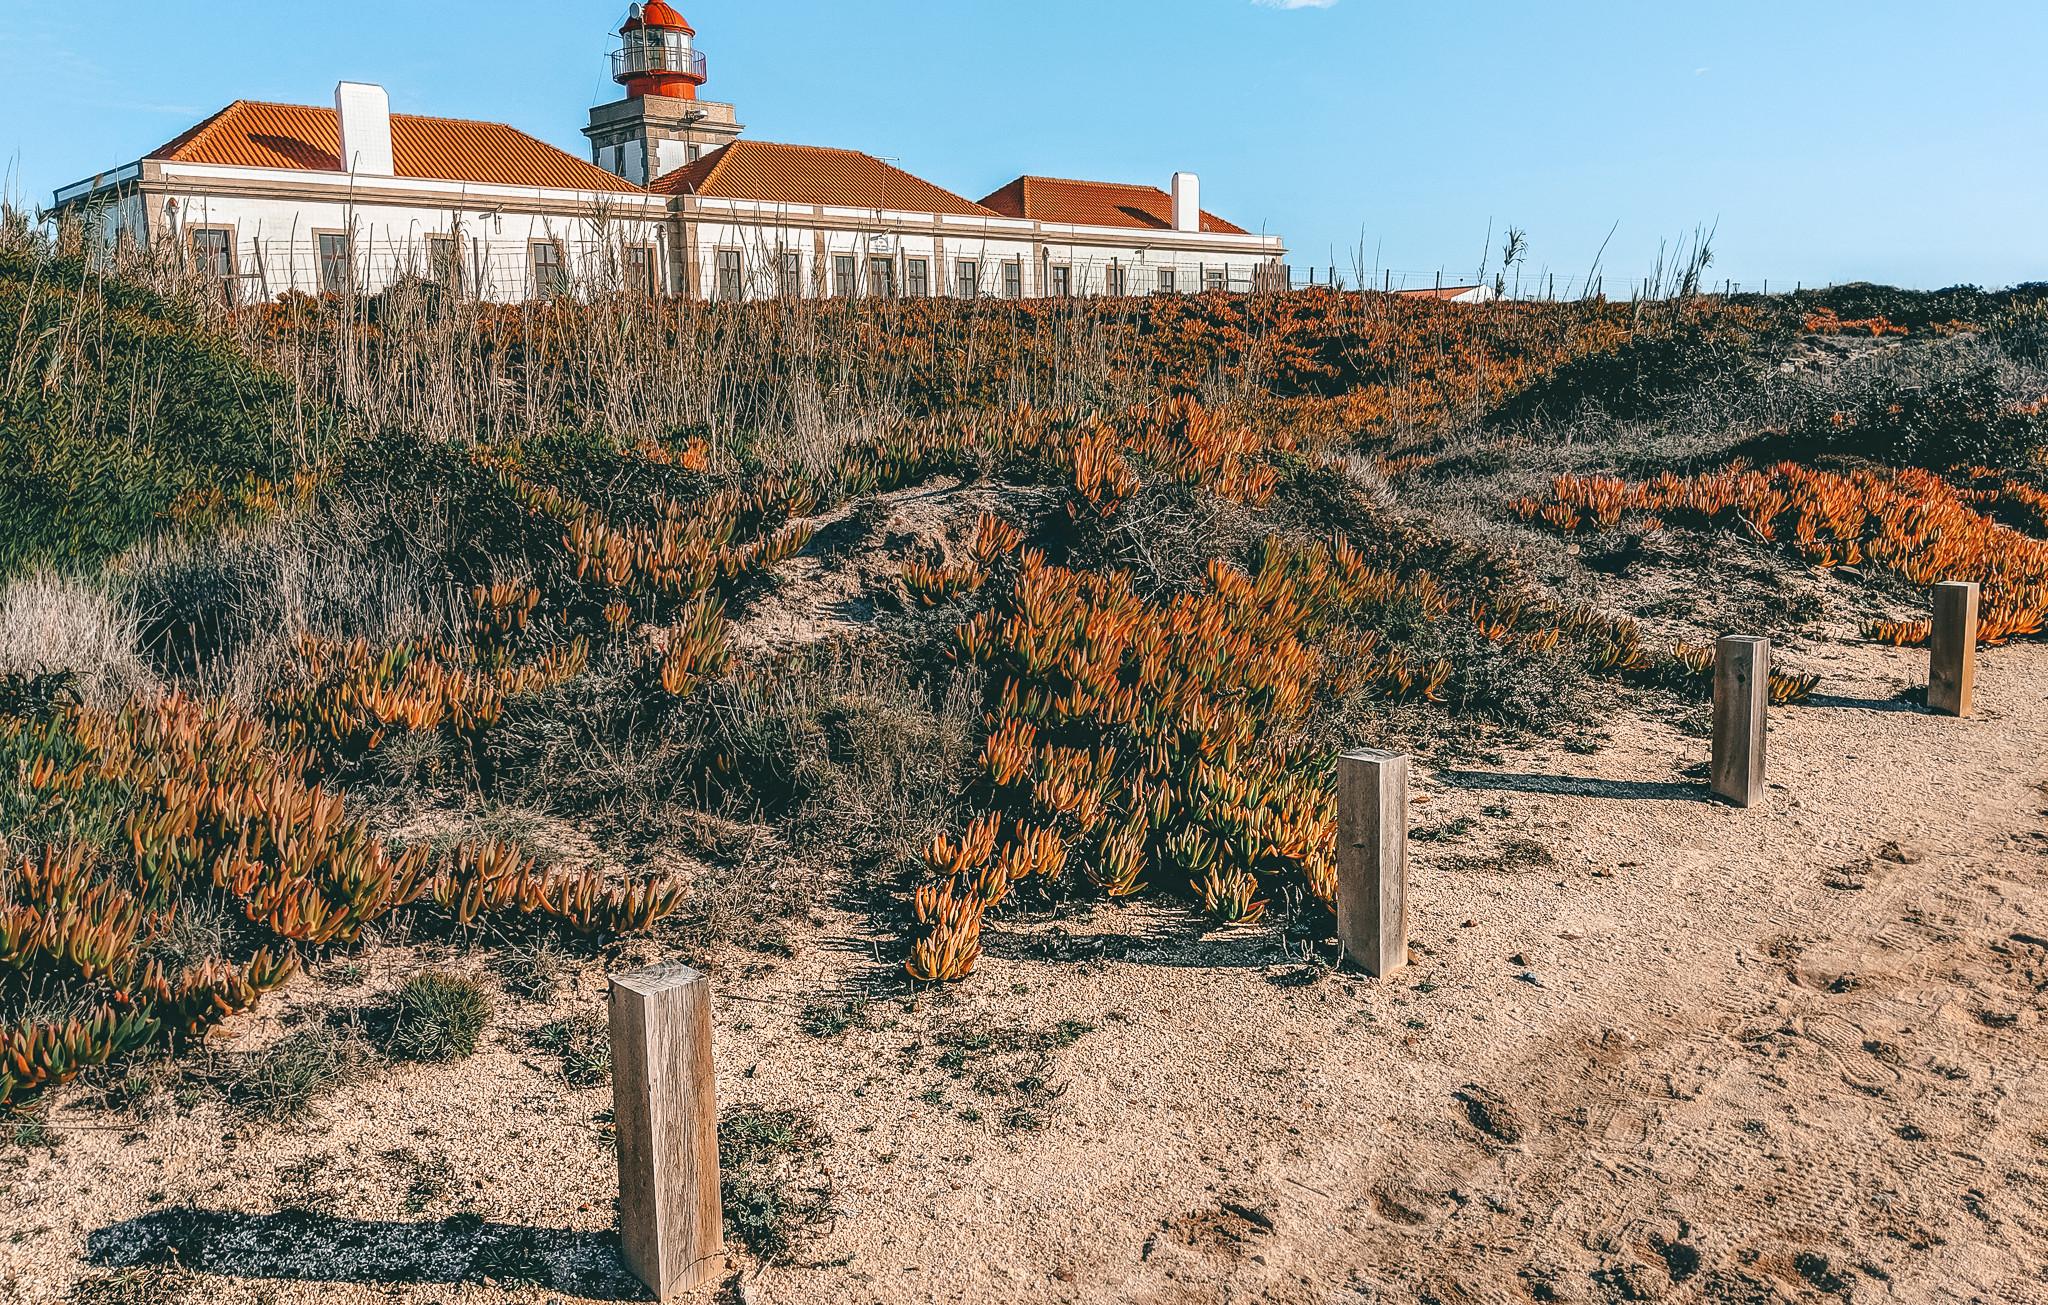 Farol Cabo Sardão Lighthouse